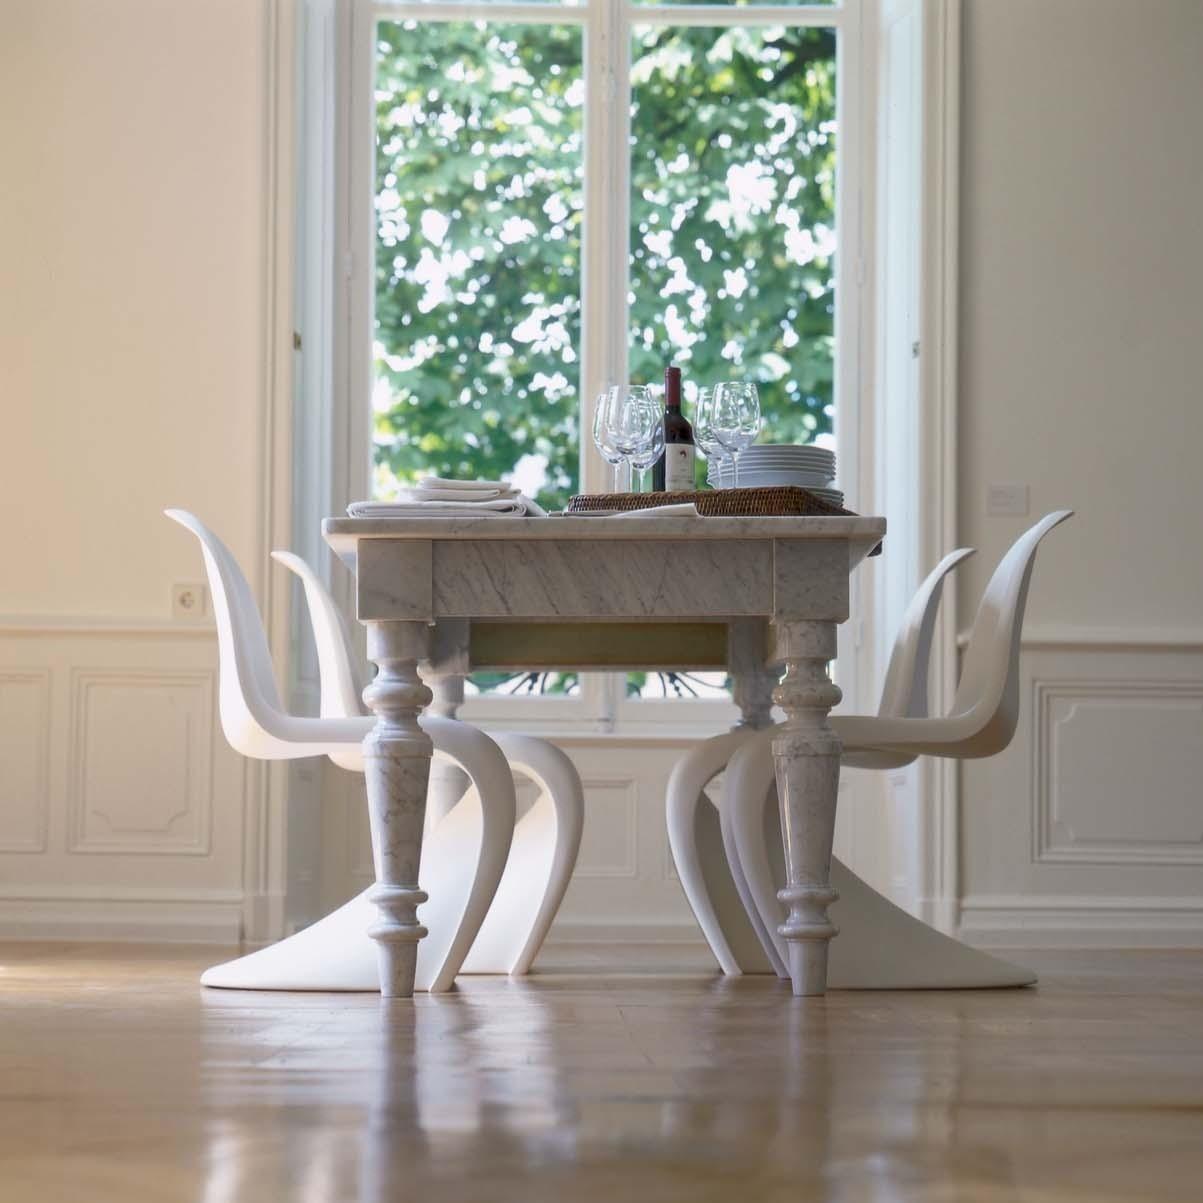 Vitra_Panton-Chair_1203x1203-ID90057-d97df1238700208b6690c9a1fac674ec.jpg